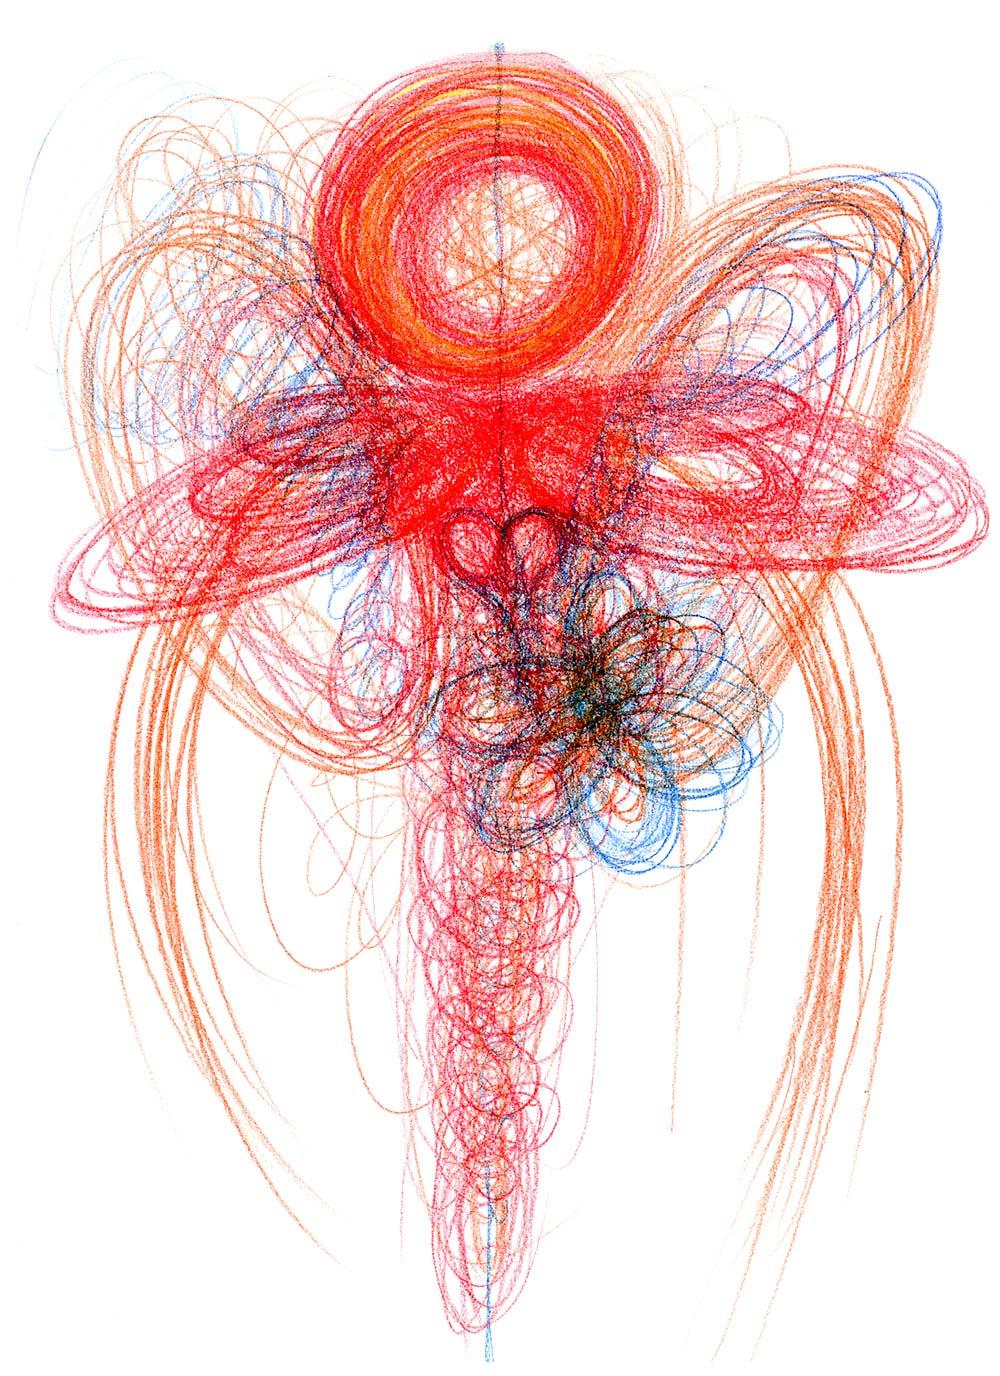 Červená automatická kresba tvaru anděla na bílém papíře